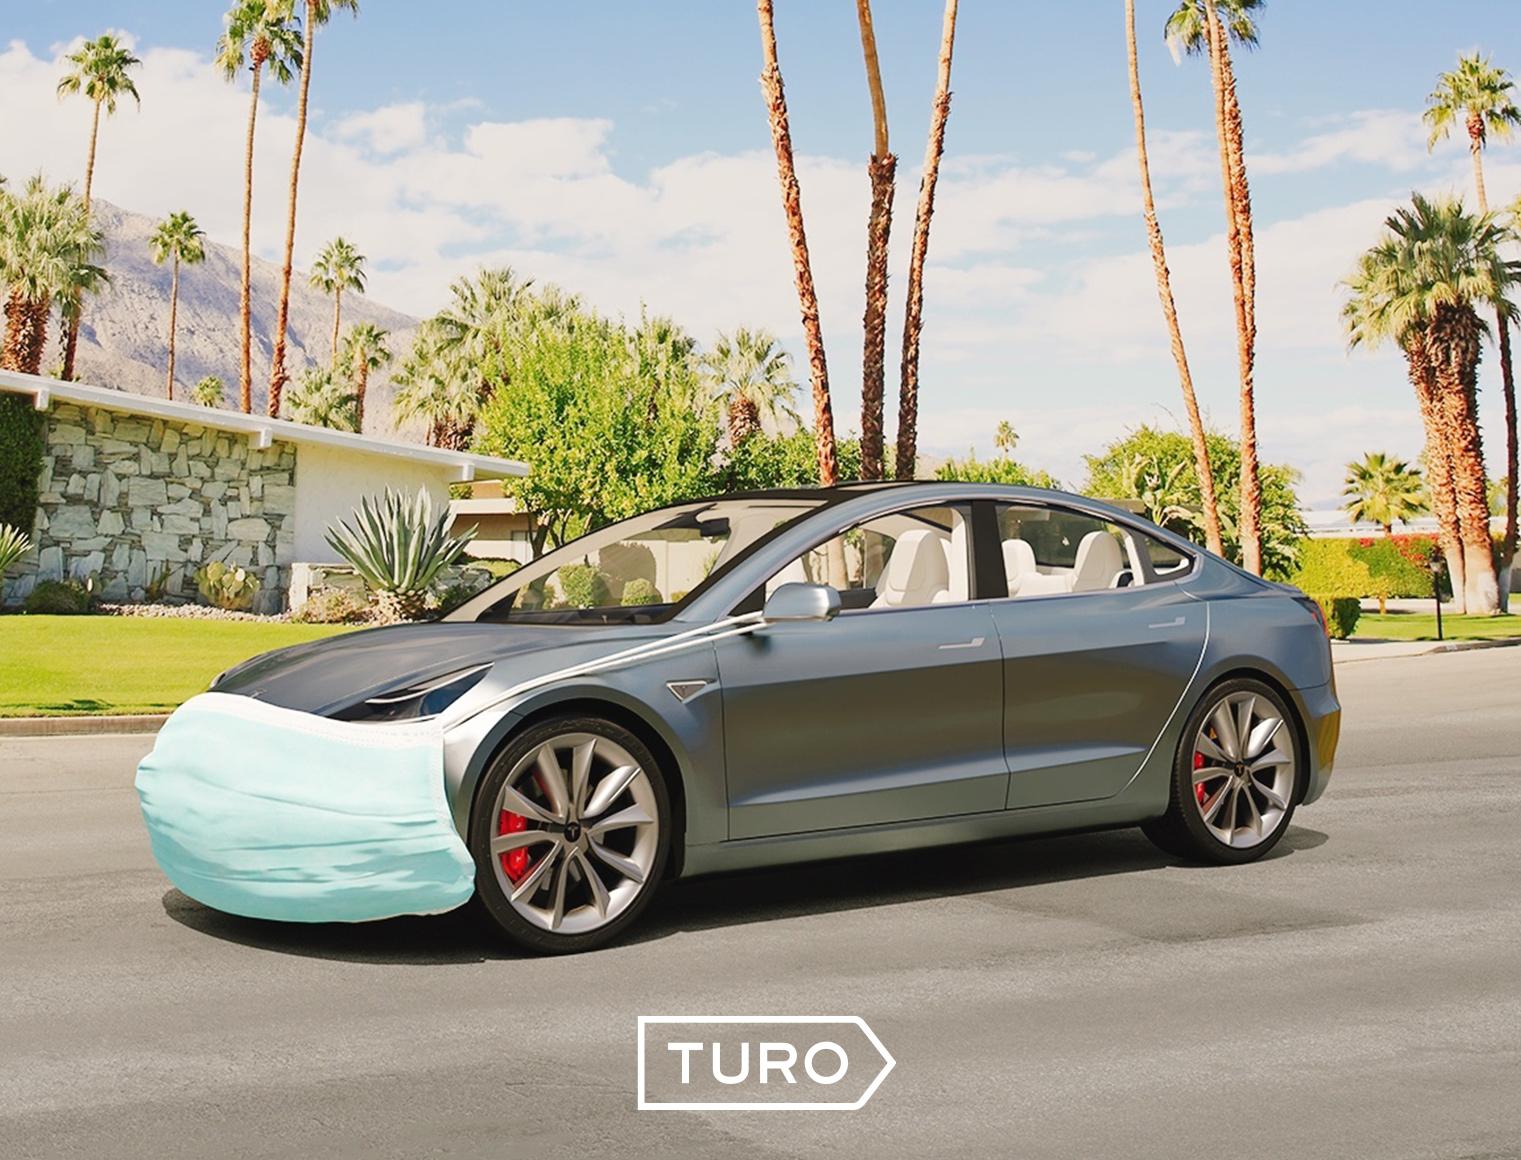 turo-car-mask-3